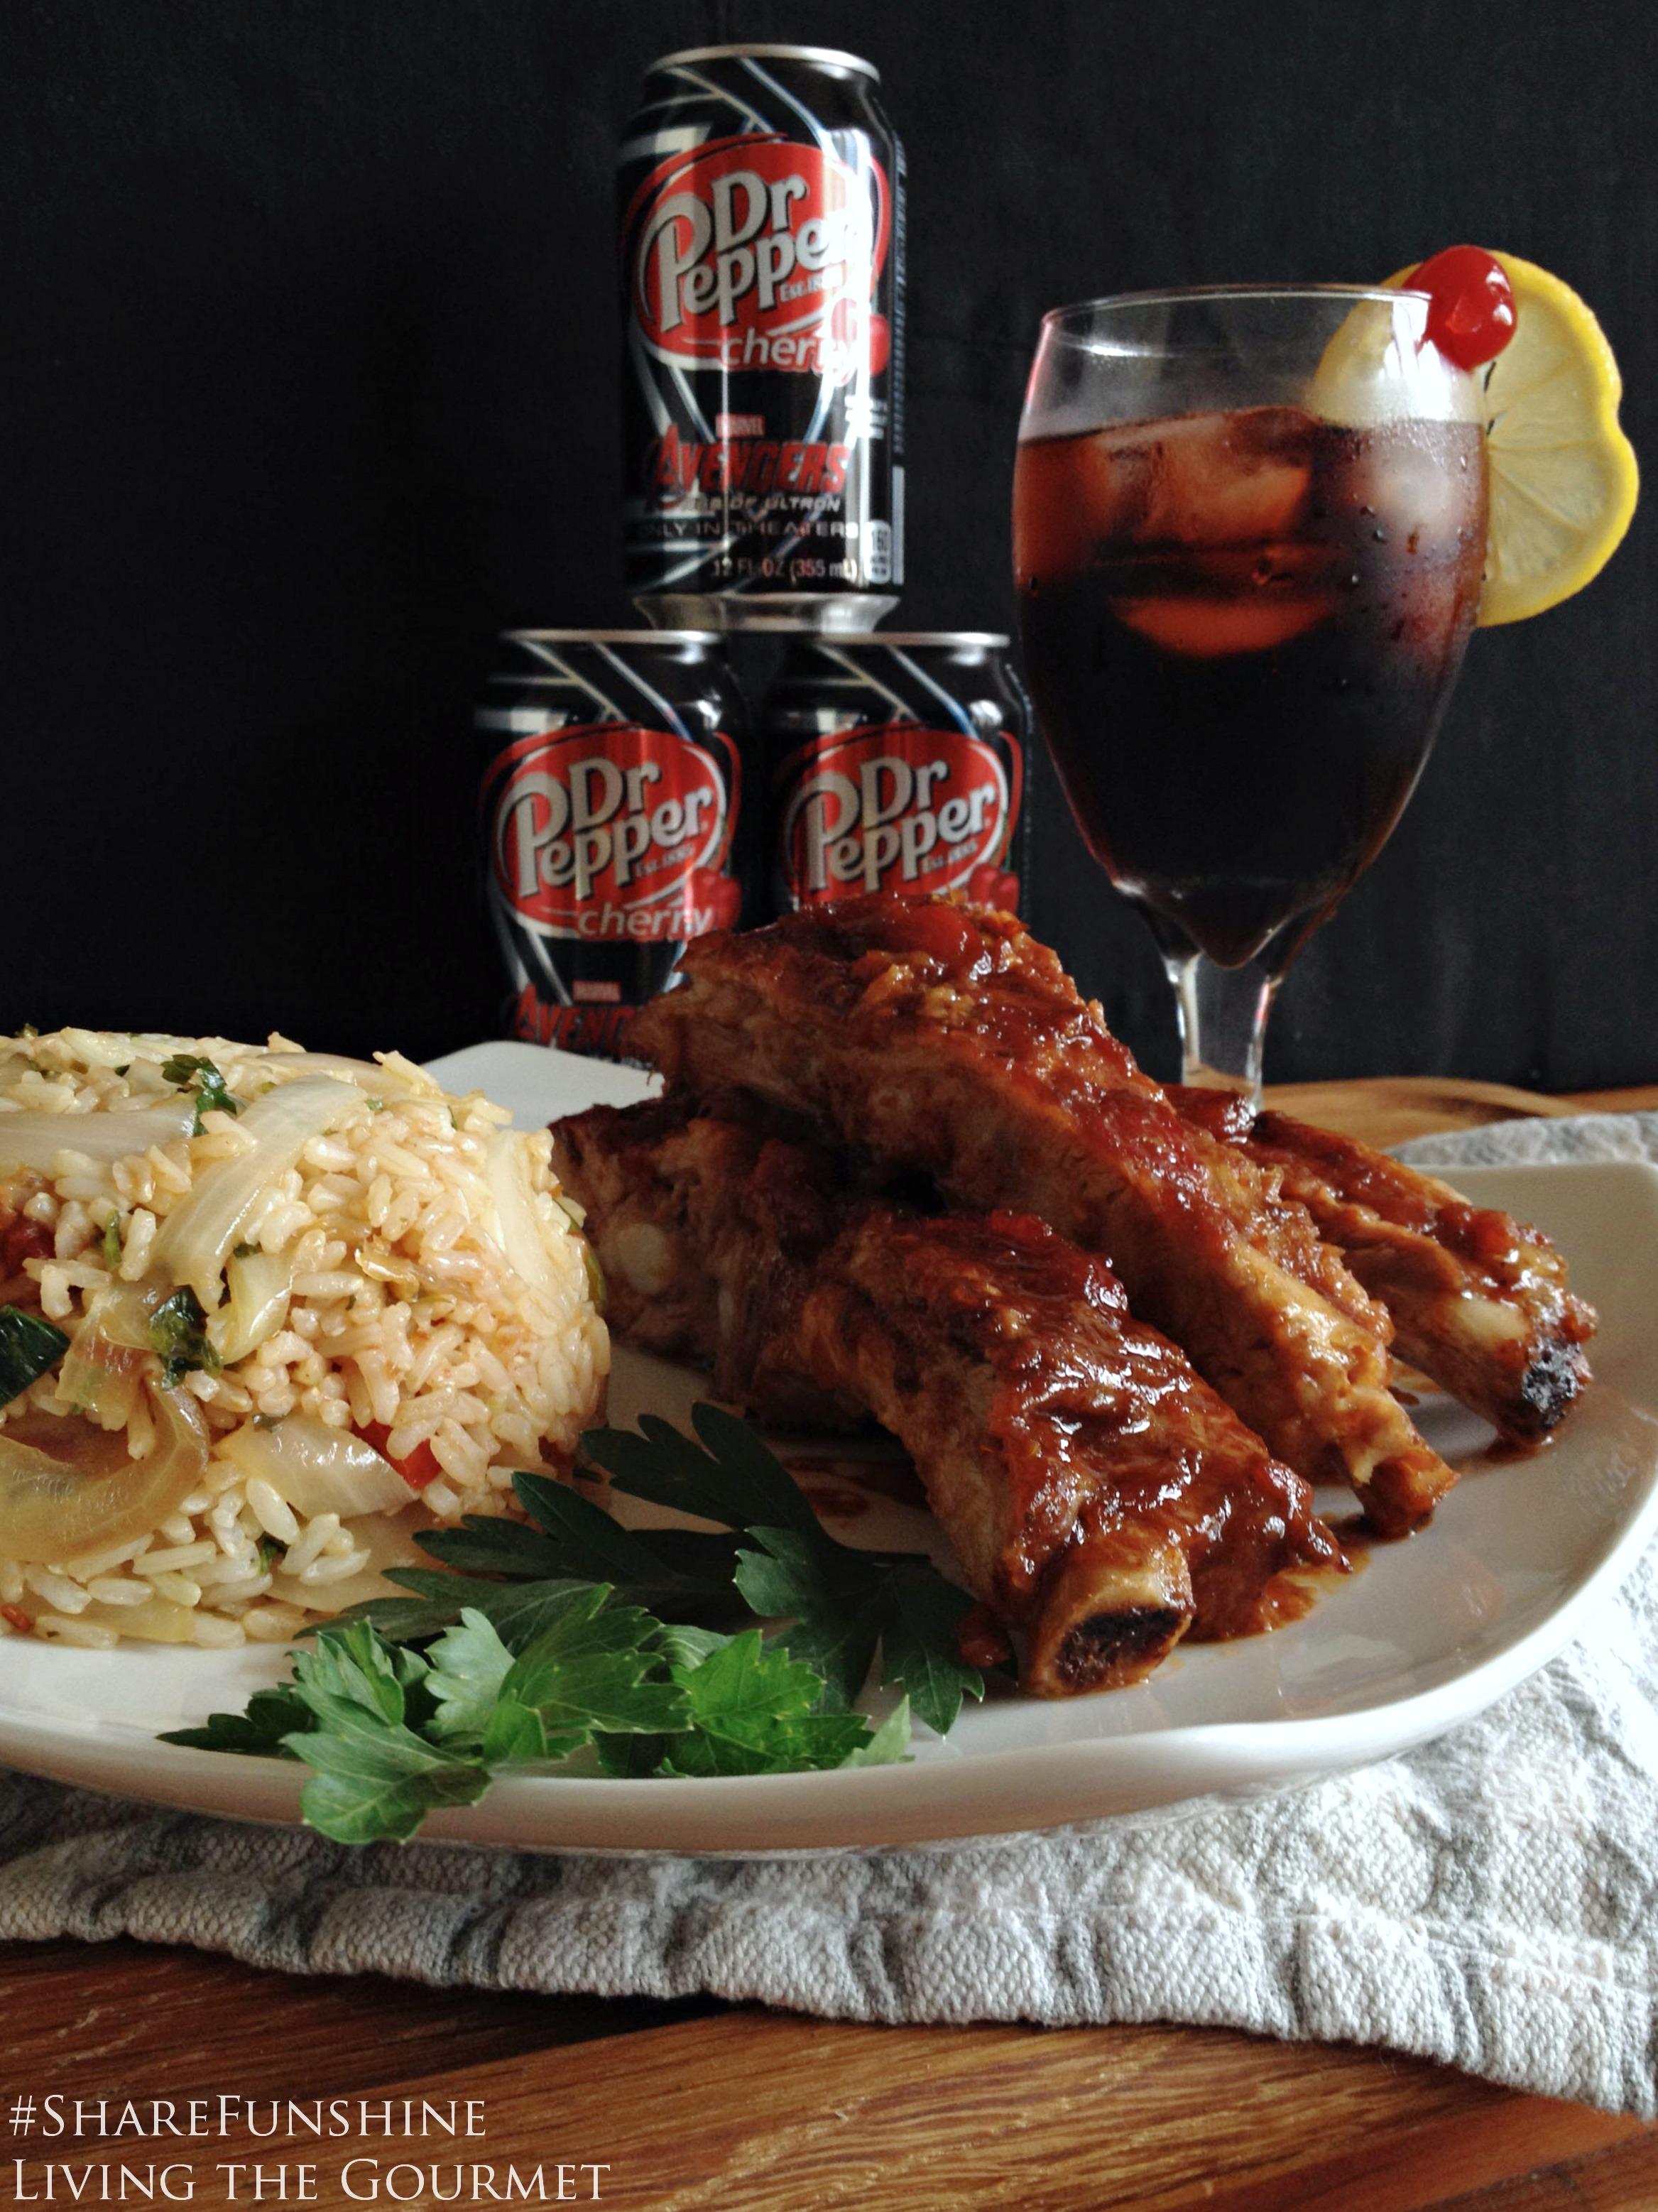 Living the Gourmet: Dr. Pepper Cherry Soda Ribs #ShareFunshine